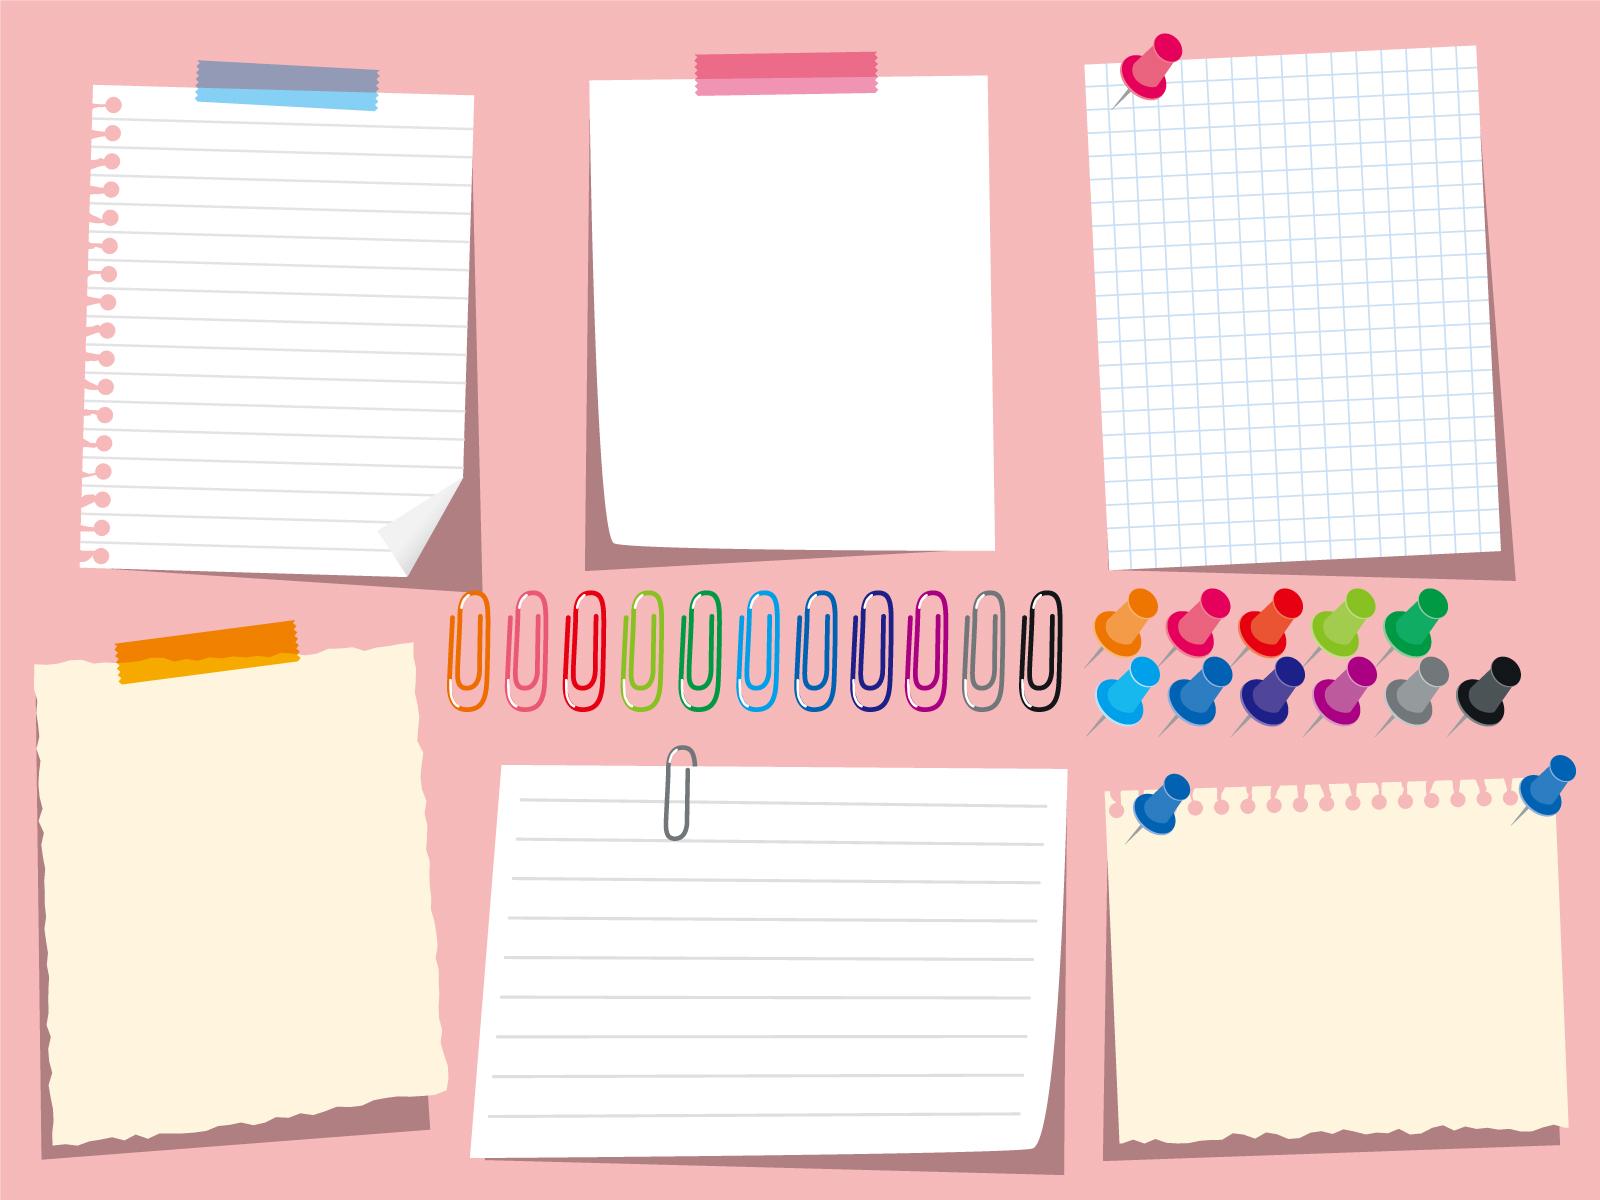 紙の収集癖がある認知症の女性への対応。お尻を拭いた紙も収集